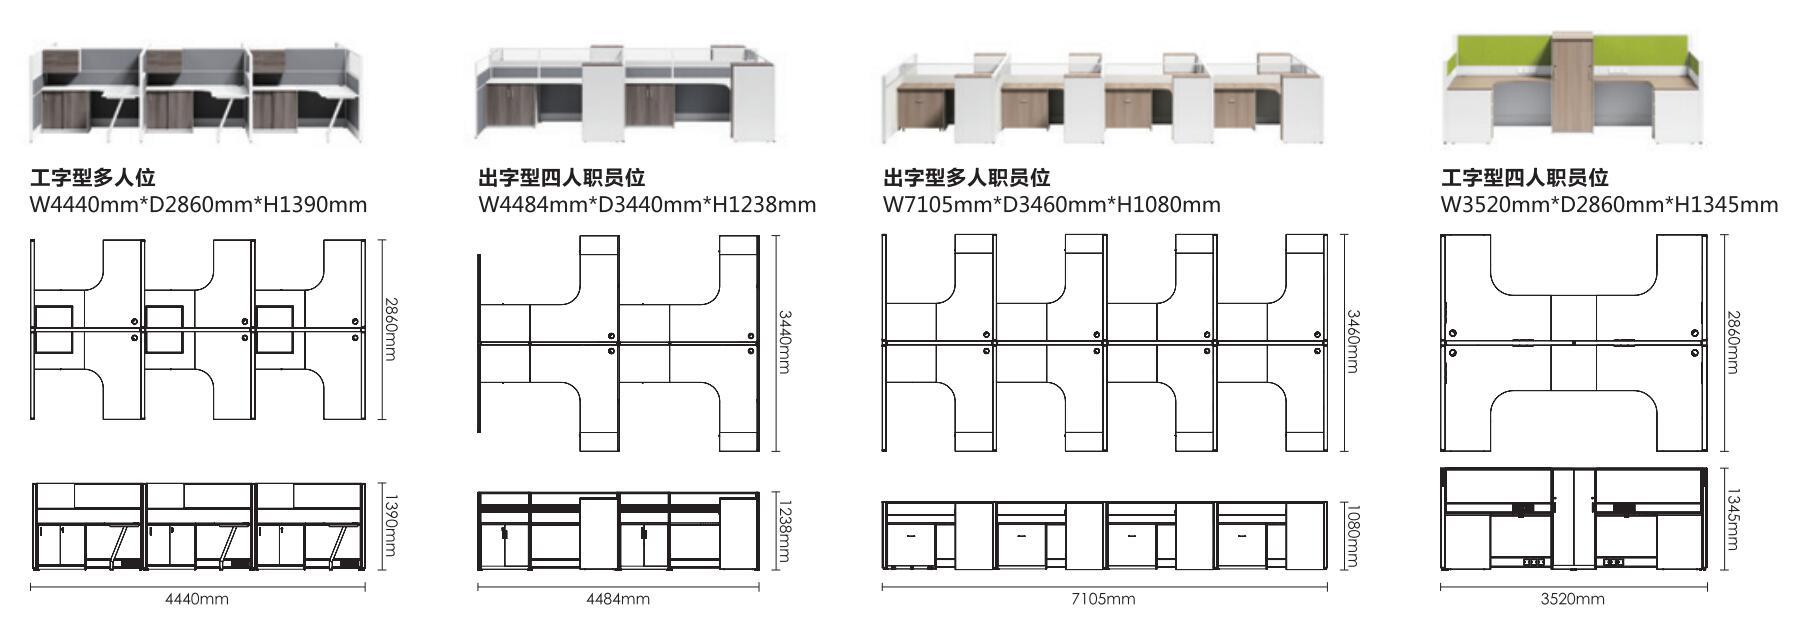 Thick&Thin系列带衣柜玻璃屏风4人对坐工位尺寸